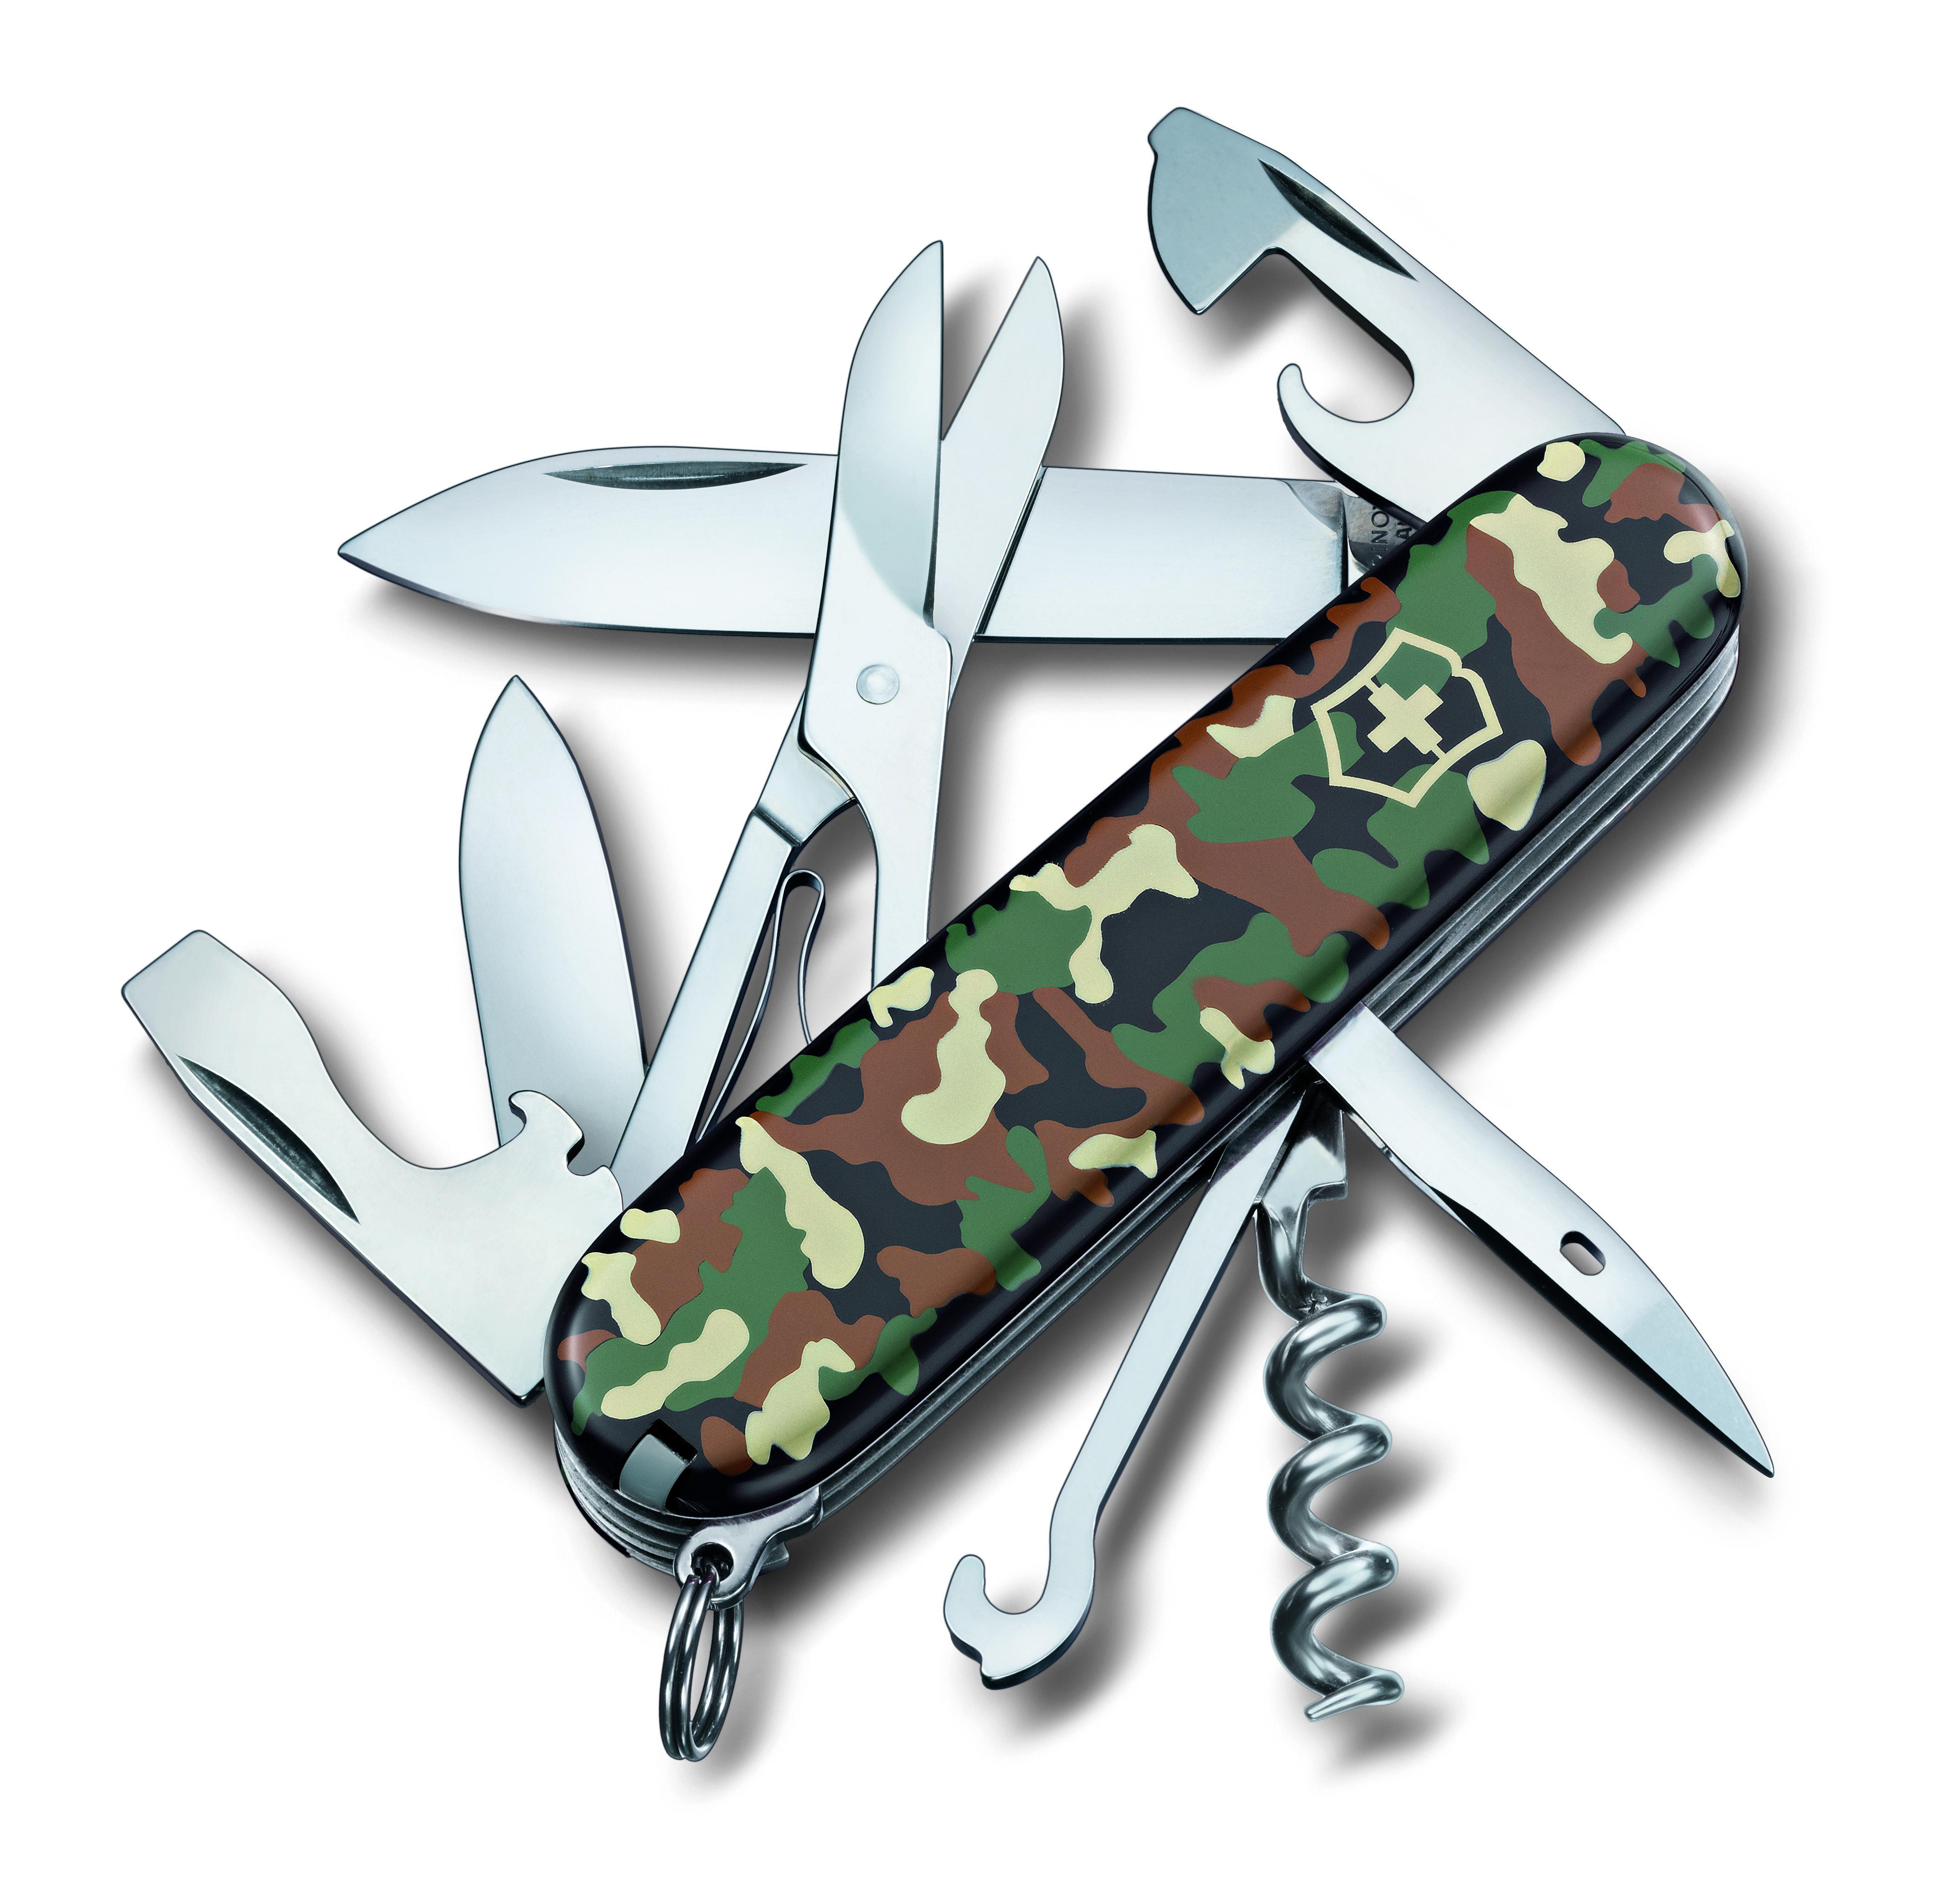 Нож перочинный Victorinox Climber, 14 функций, цвет: камуфляж, длина 9,1 см